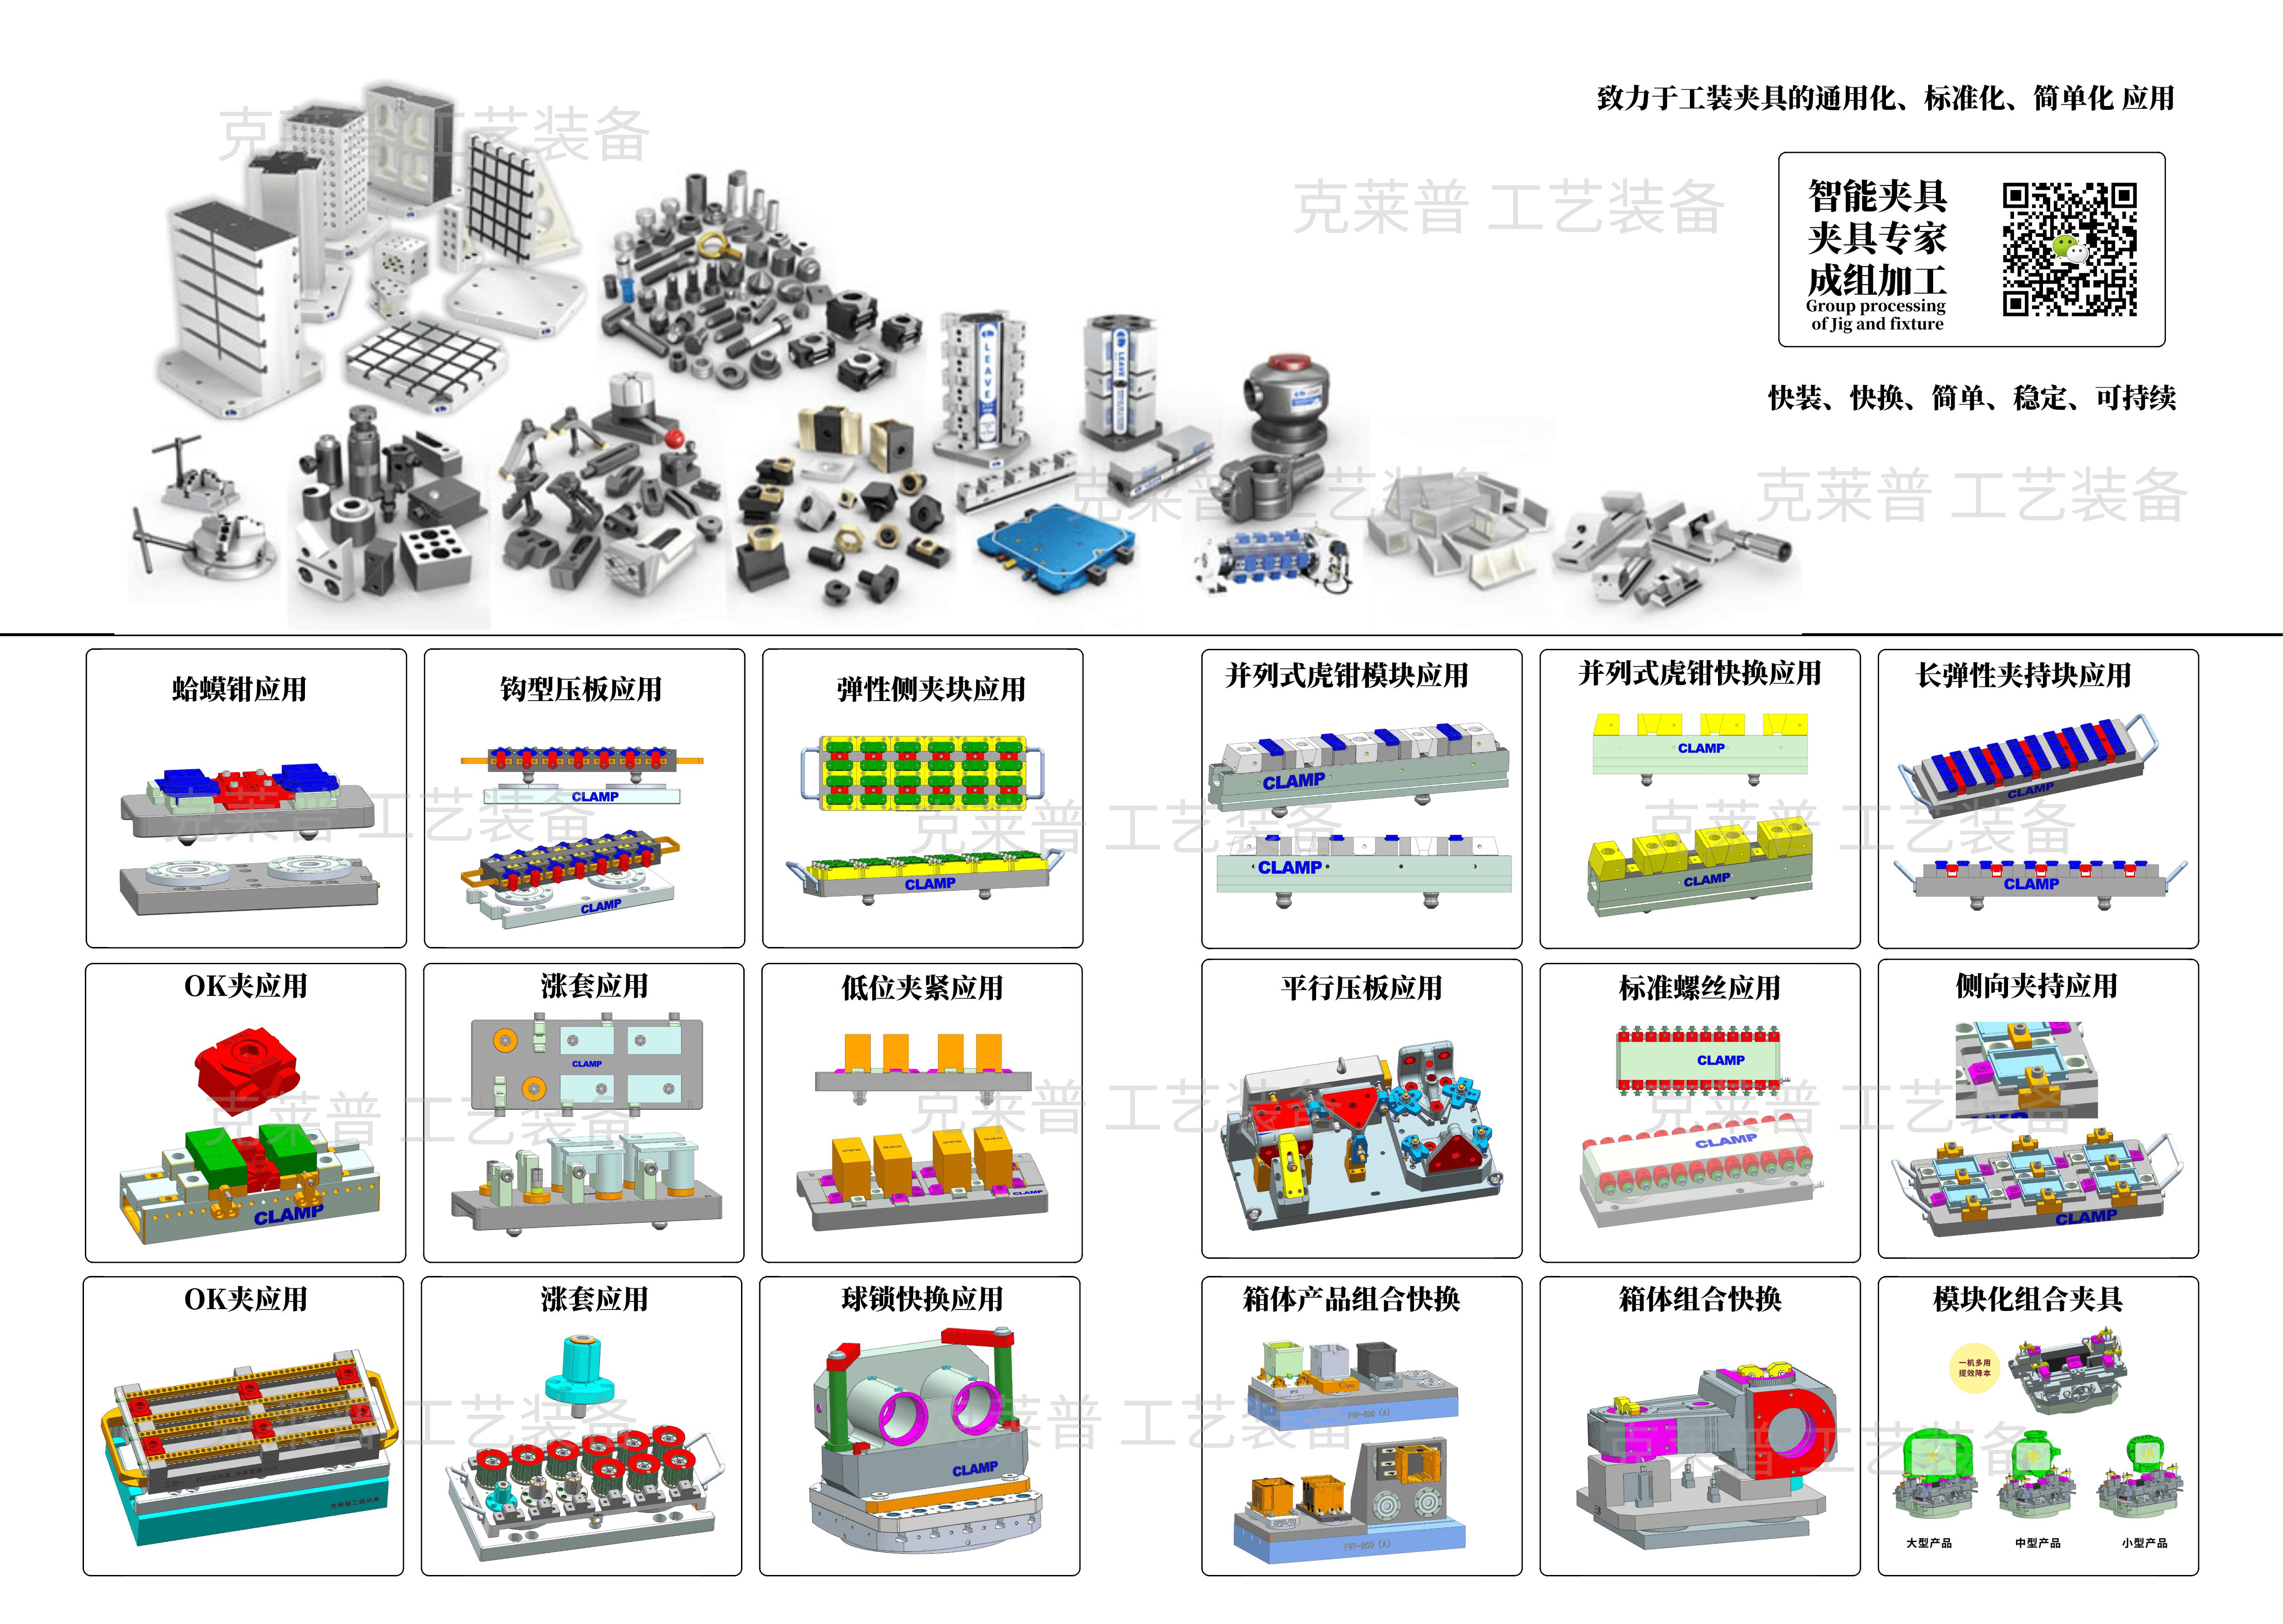 克莱普致力于工装夹具的模块通用化标准化应用